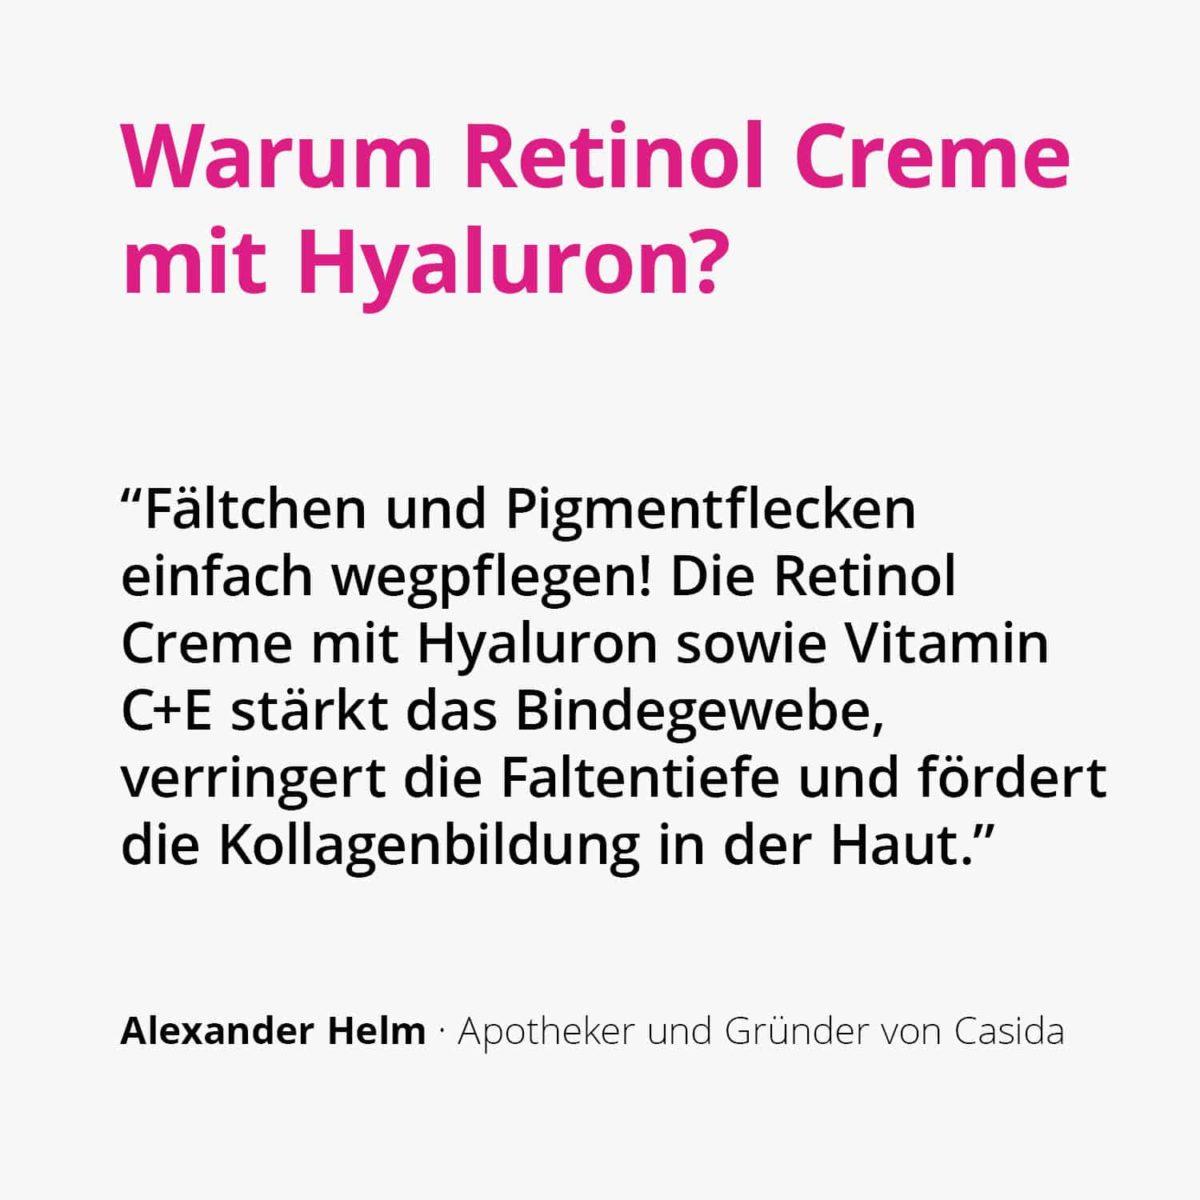 Casida Retinol Creme mit Hyaluron – 50 ml 15408244 PZN Apotheke Anti-Aging2